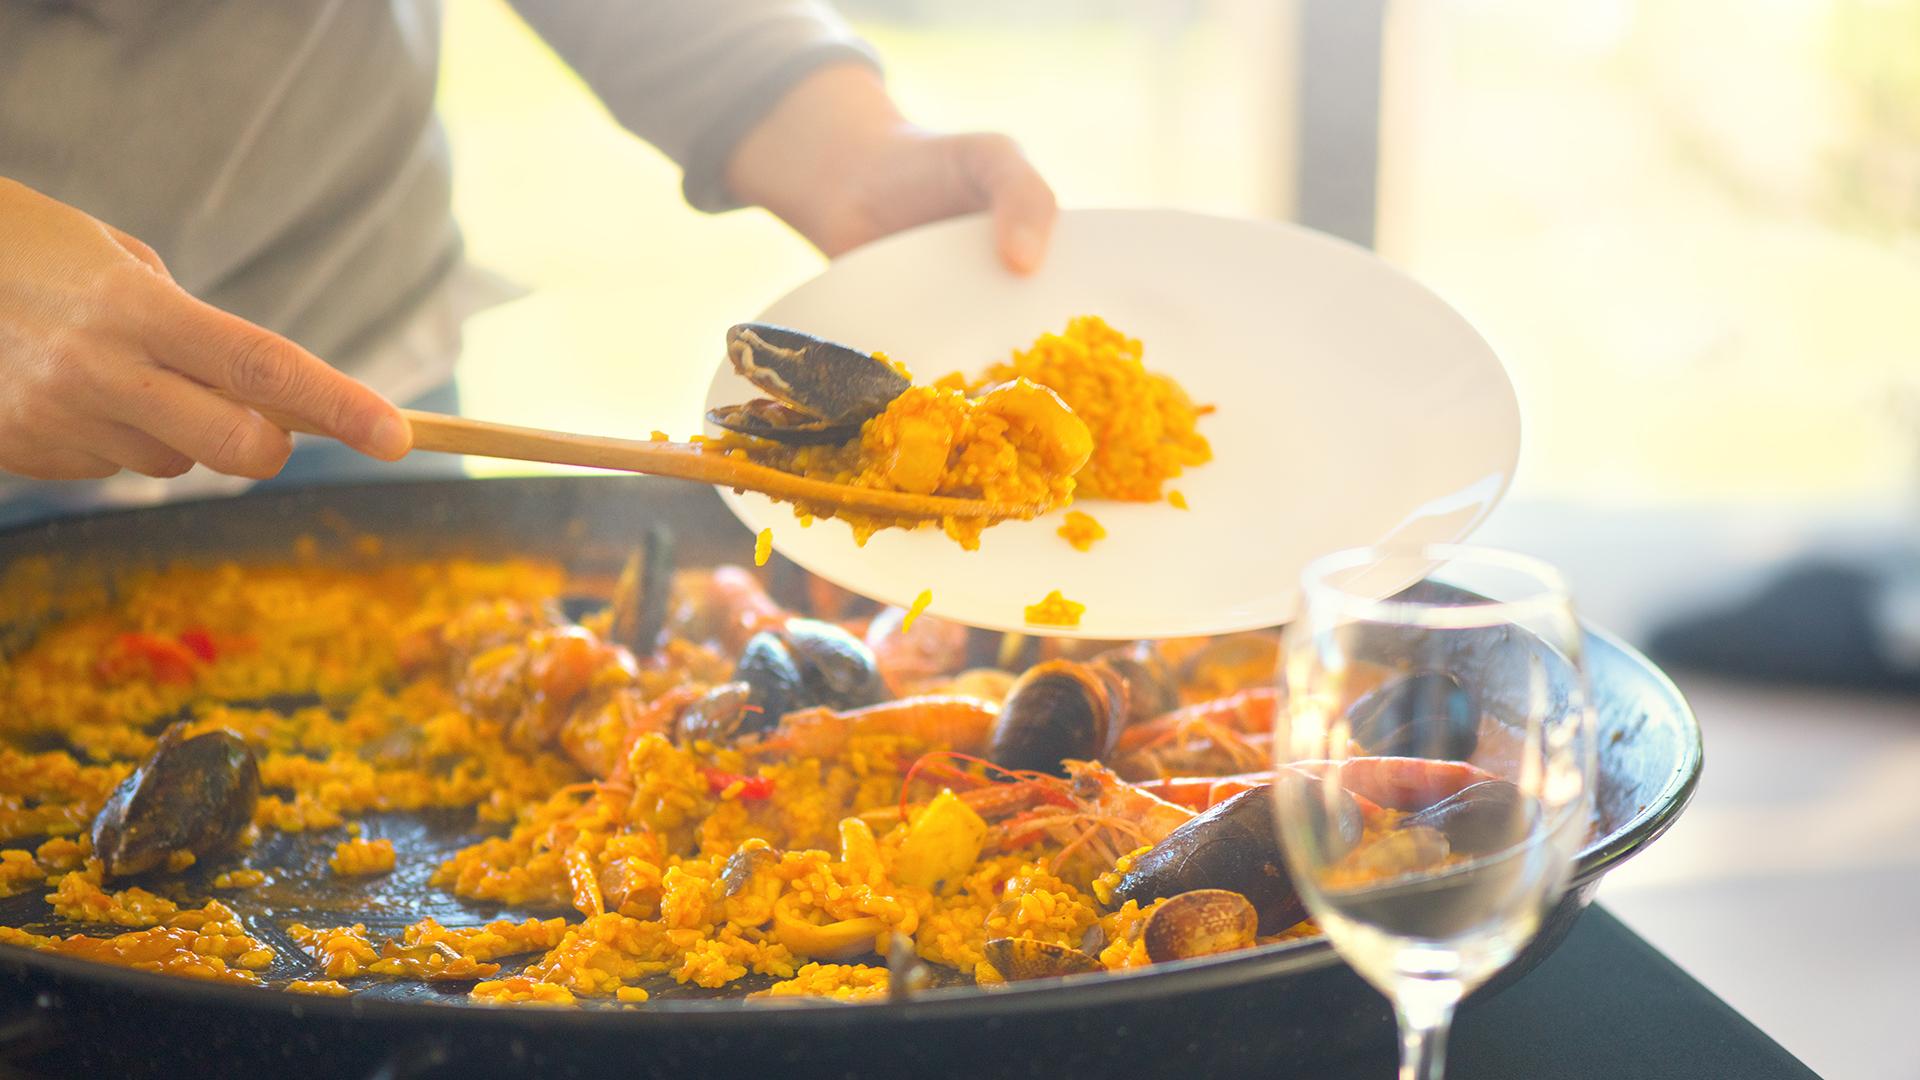 Paella española: los camarones, la langosta, los mejillones y las sepias se combinan con arroz blanco y varias hierbas, aceite y sal en este exquisito plato valenciano